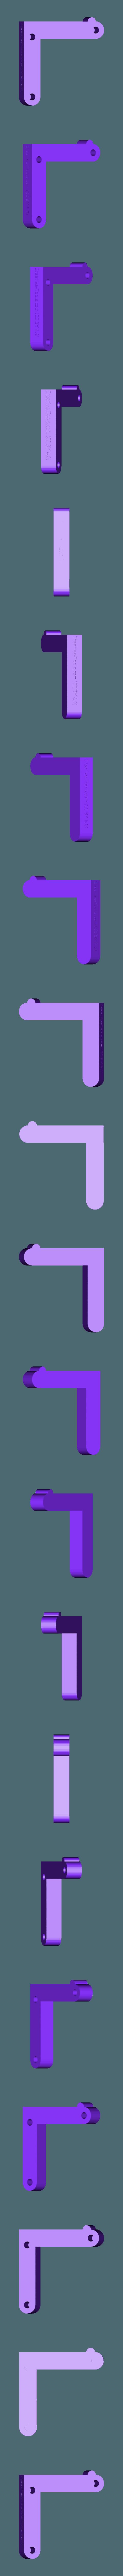 Dishcloth_hanger_-_Left_bracket_by_CreativeTools.se.stl Télécharger fichier STL gratuit Cintre de torchon (imprimable en 3D) • Plan pour impression 3D, CreativeTools